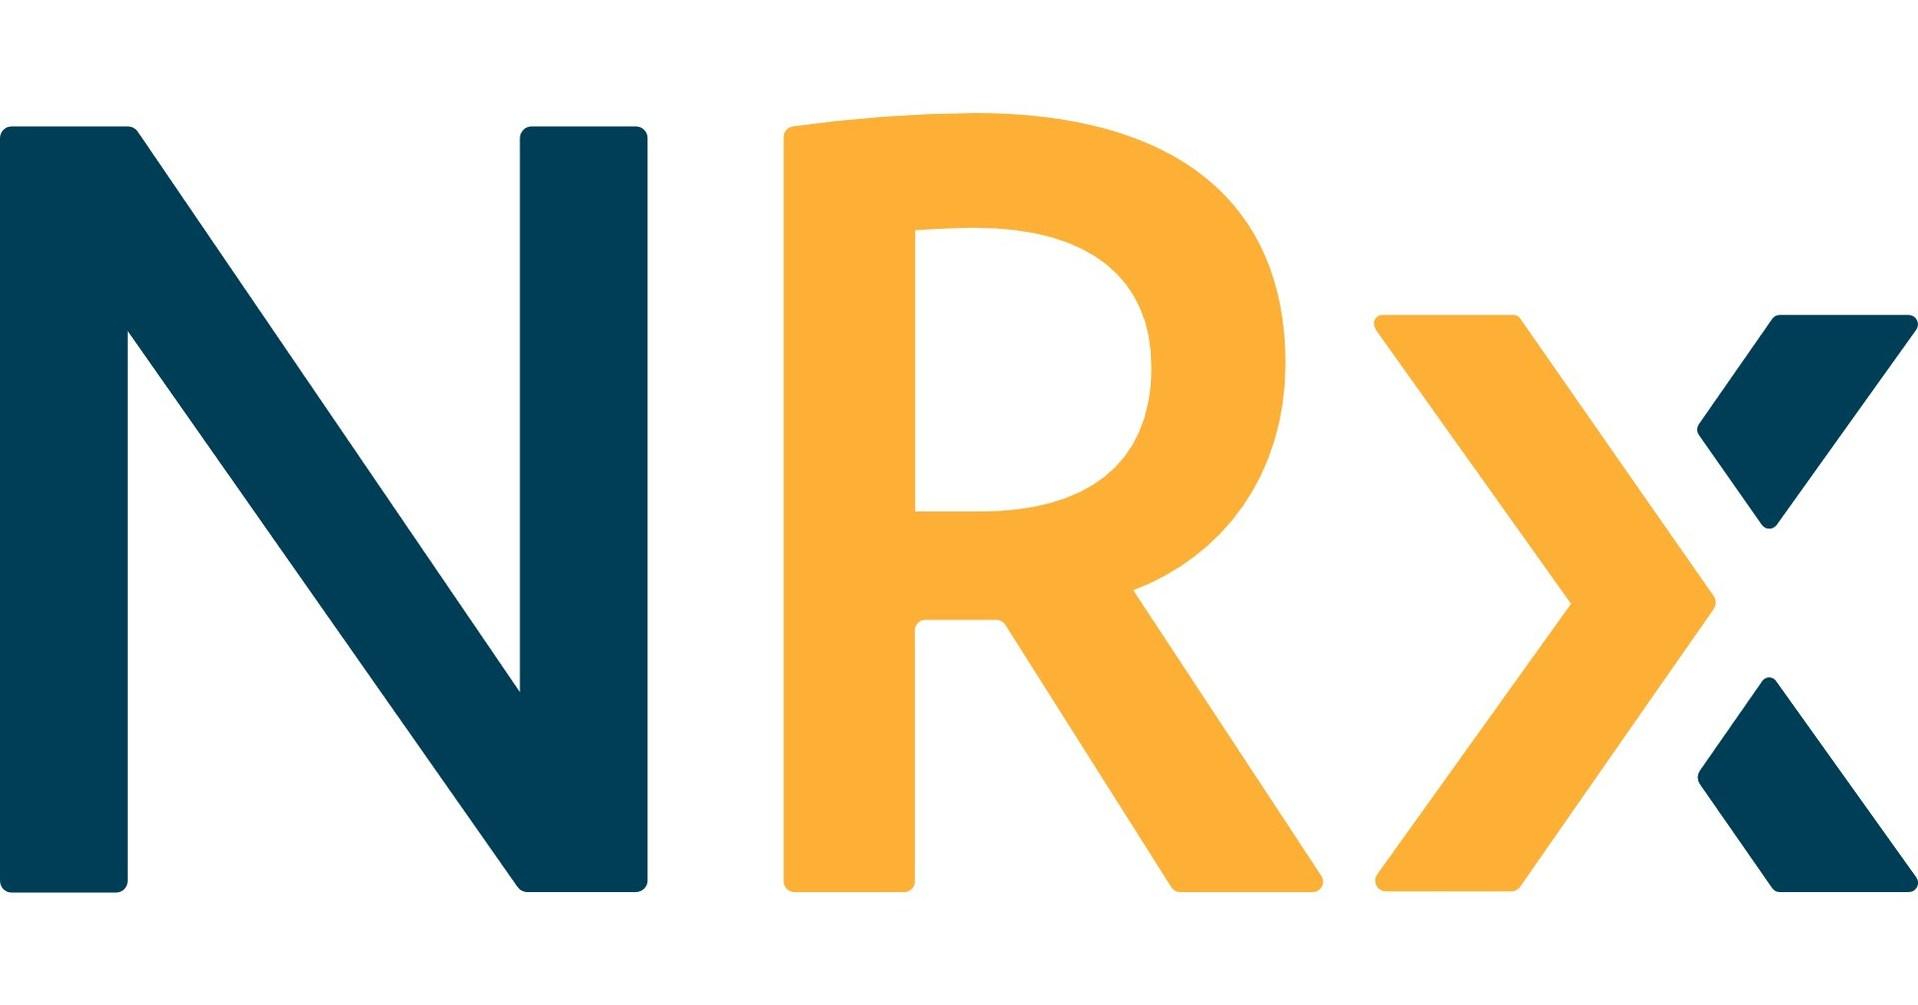 www.prnewswire.com